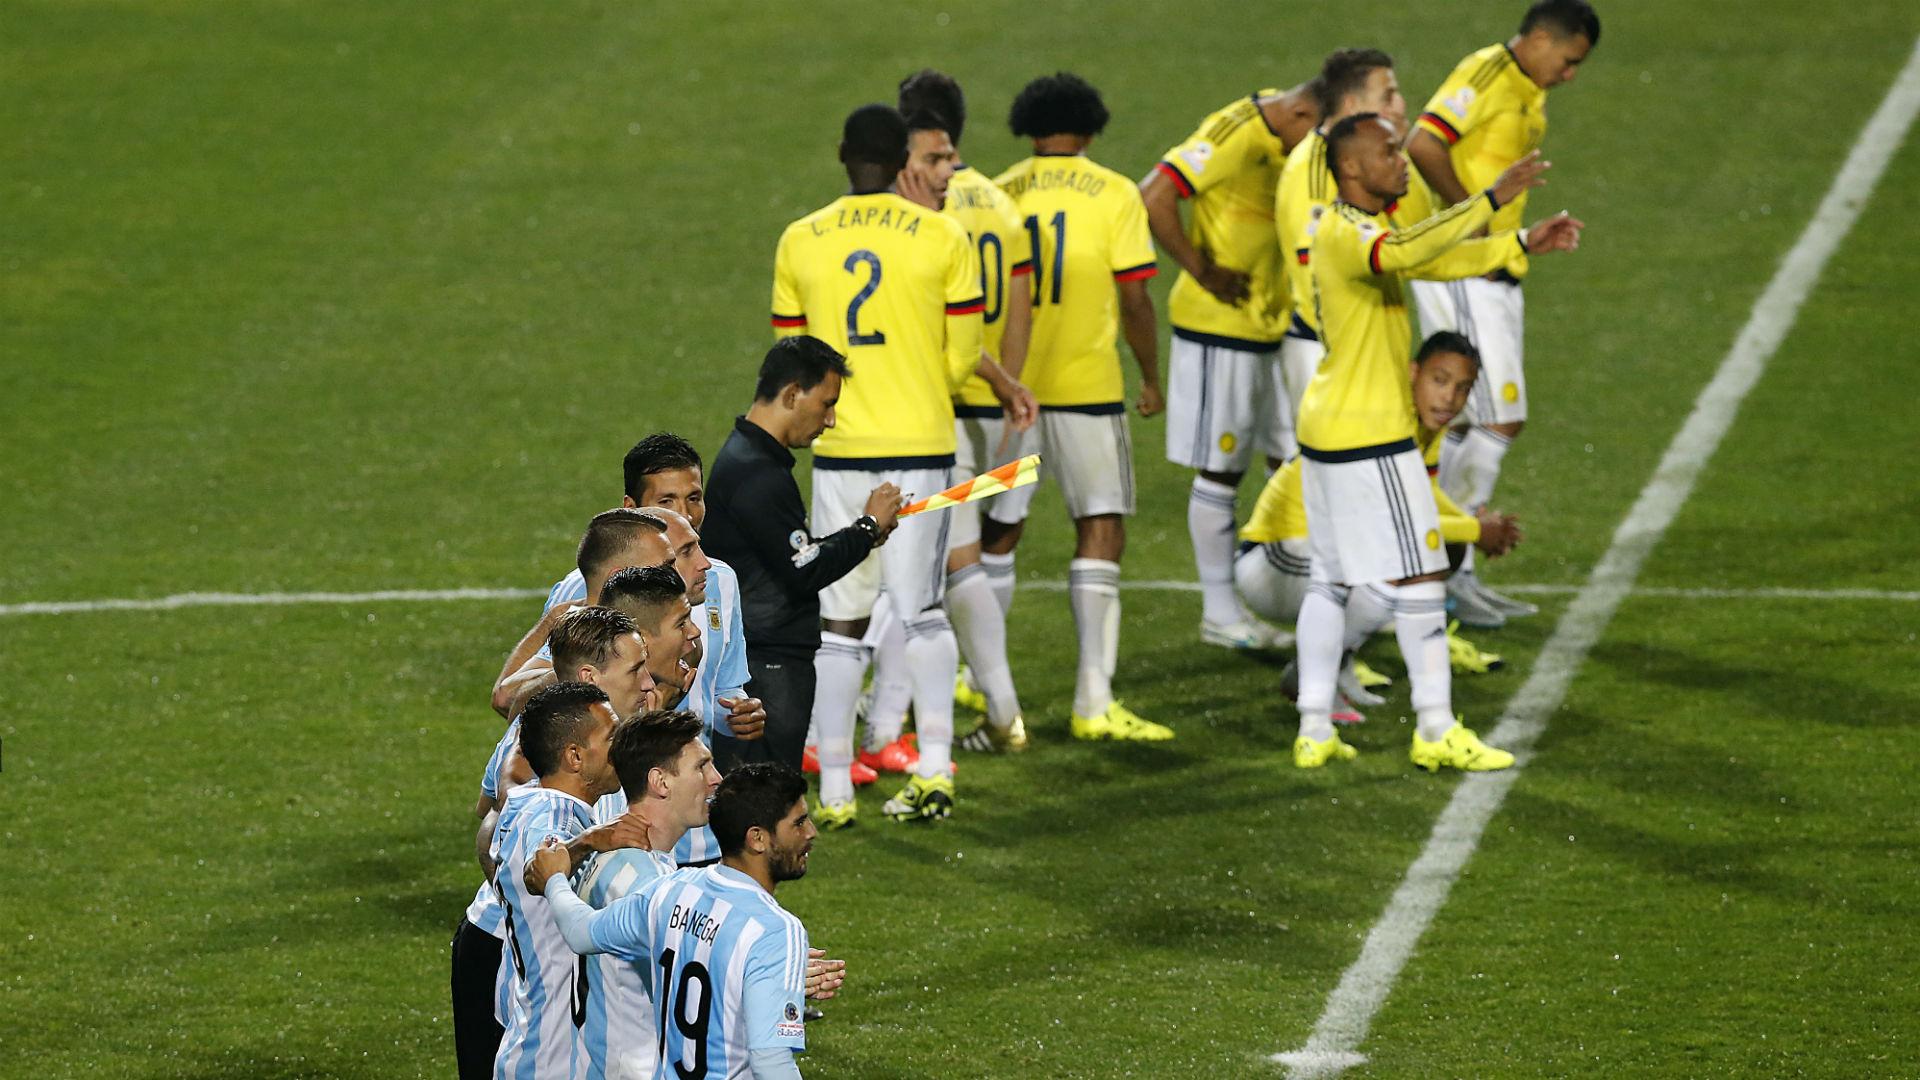 Con gran labor de Lionel Messi, Argentina vence 3-0 a Colombia